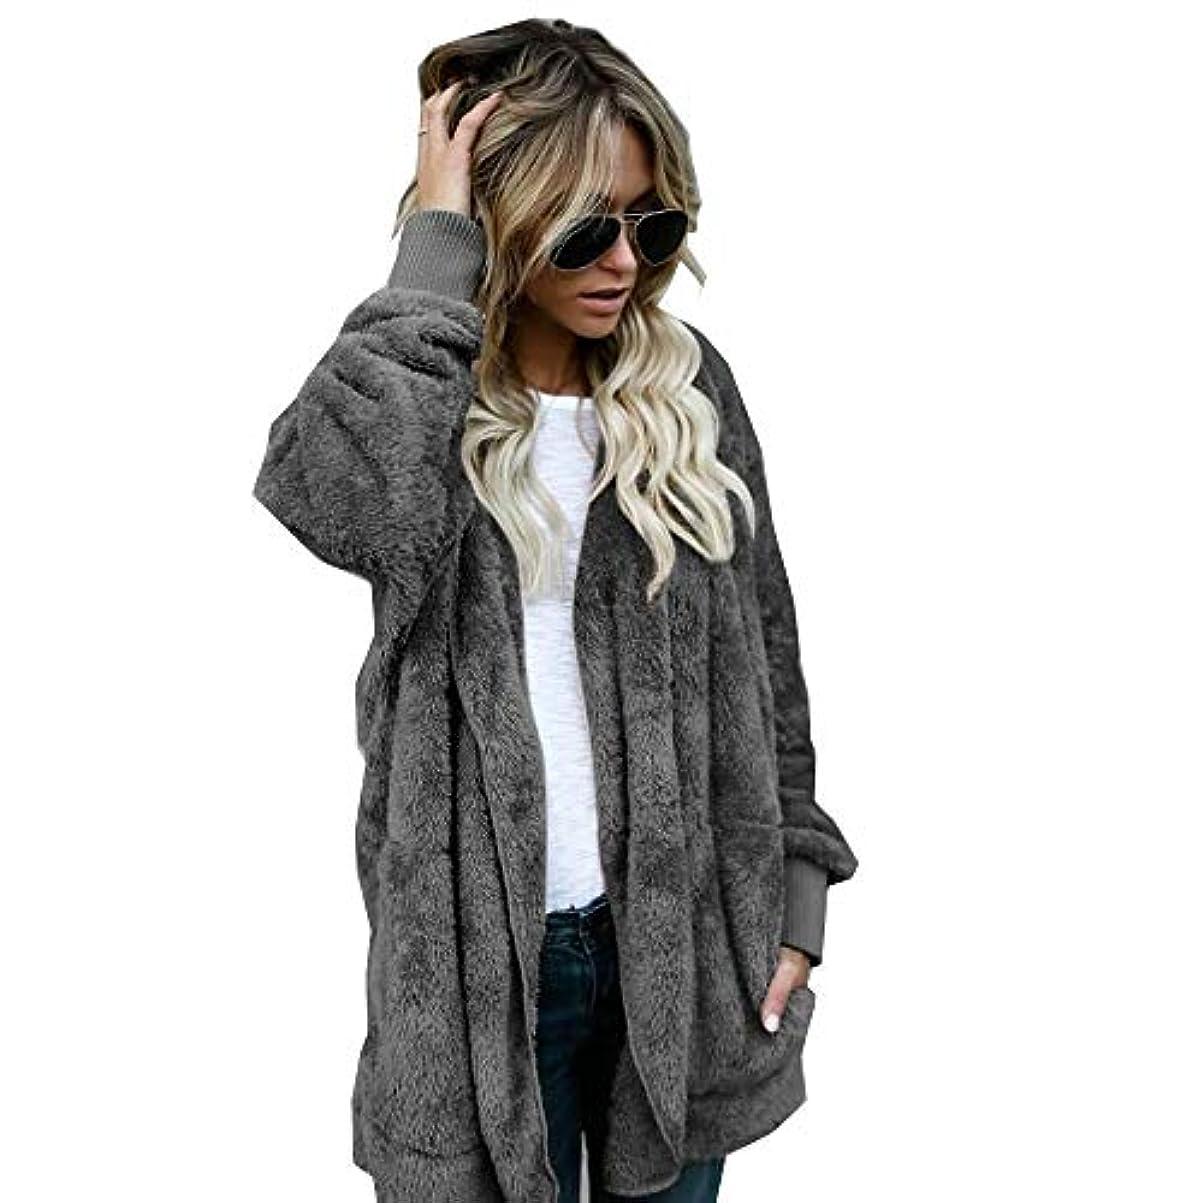 影のある大学院アシスタントMIFAN 長袖パーカー、冬のコート、女性のコート、女性の緩い厚く暖かいフェイクファーフード付きカーディガン